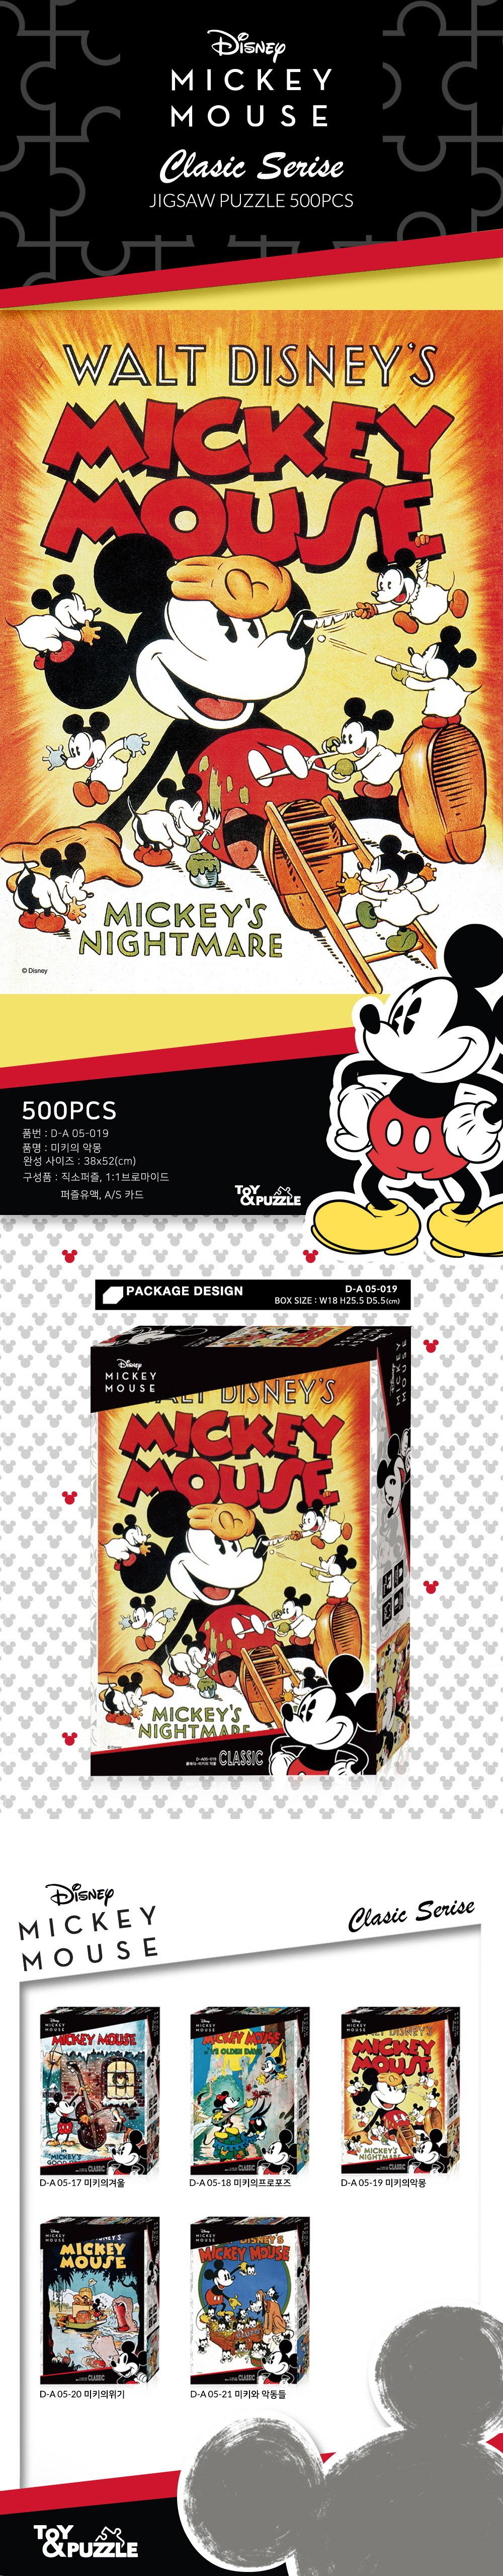 직소퍼즐 500조각 미키의 악몽 DA05-019 - 퍼즐카페, 15,000원, 조각/퍼즐, 캐릭터 직소퍼즐